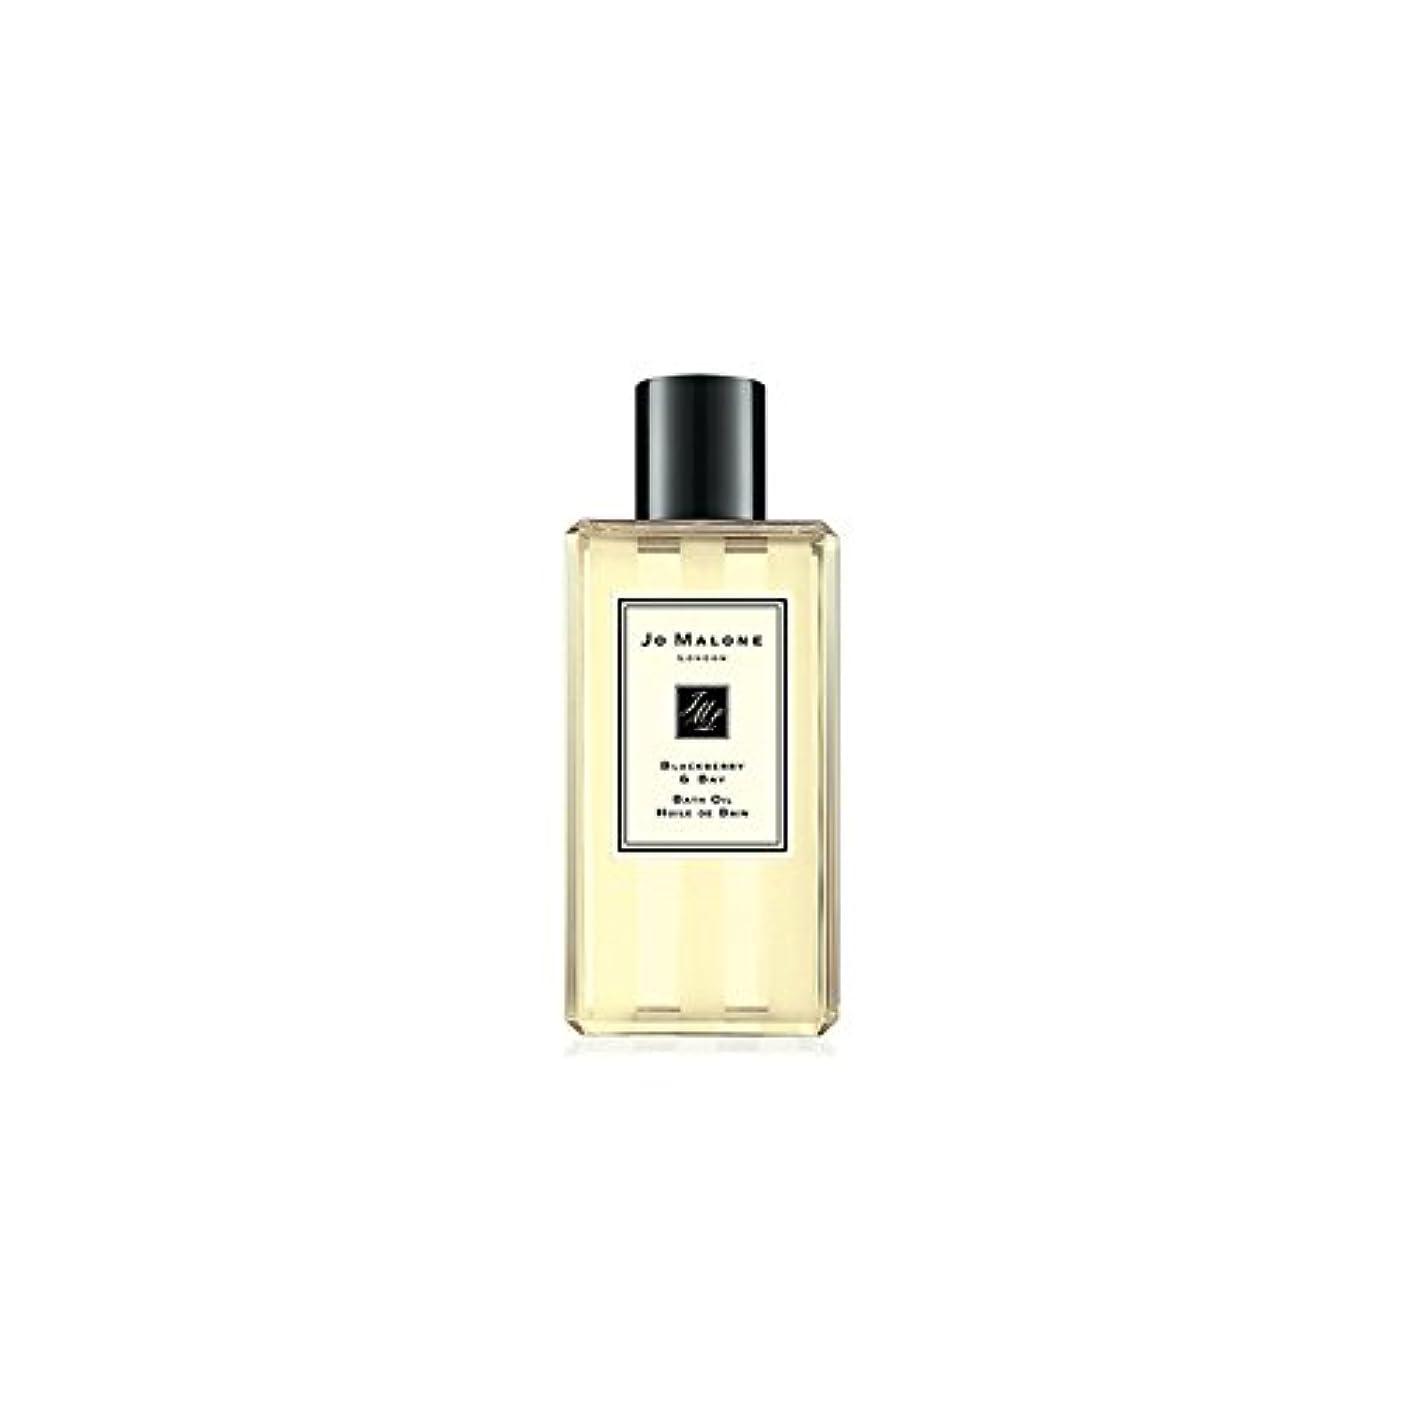 余分な委員長悪行Jo Malone Blackberry & Bay Bath Oil - 250ml (Pack of 2) - ジョーマローンブラックベリー&ベイバスオイル - 250ミリリットル (x2) [並行輸入品]